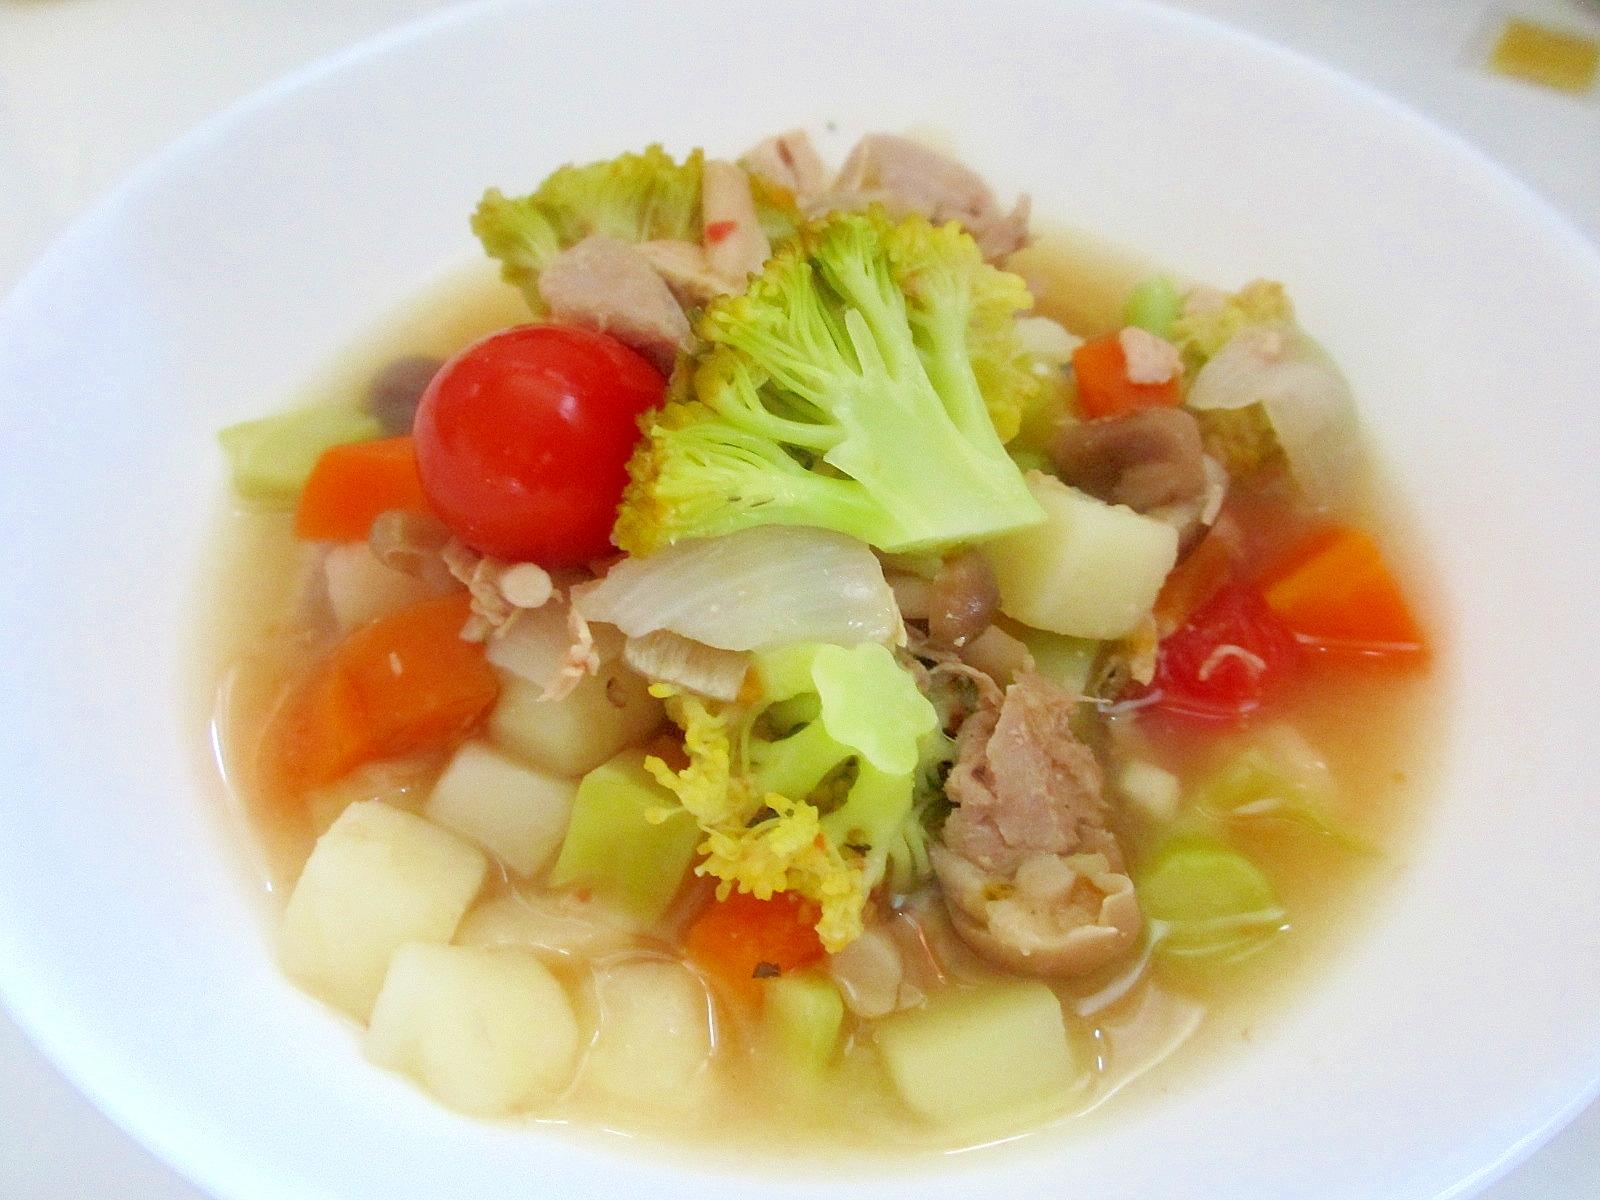 ツナ、ブロッコリー、プチトマトで具沢山スープ